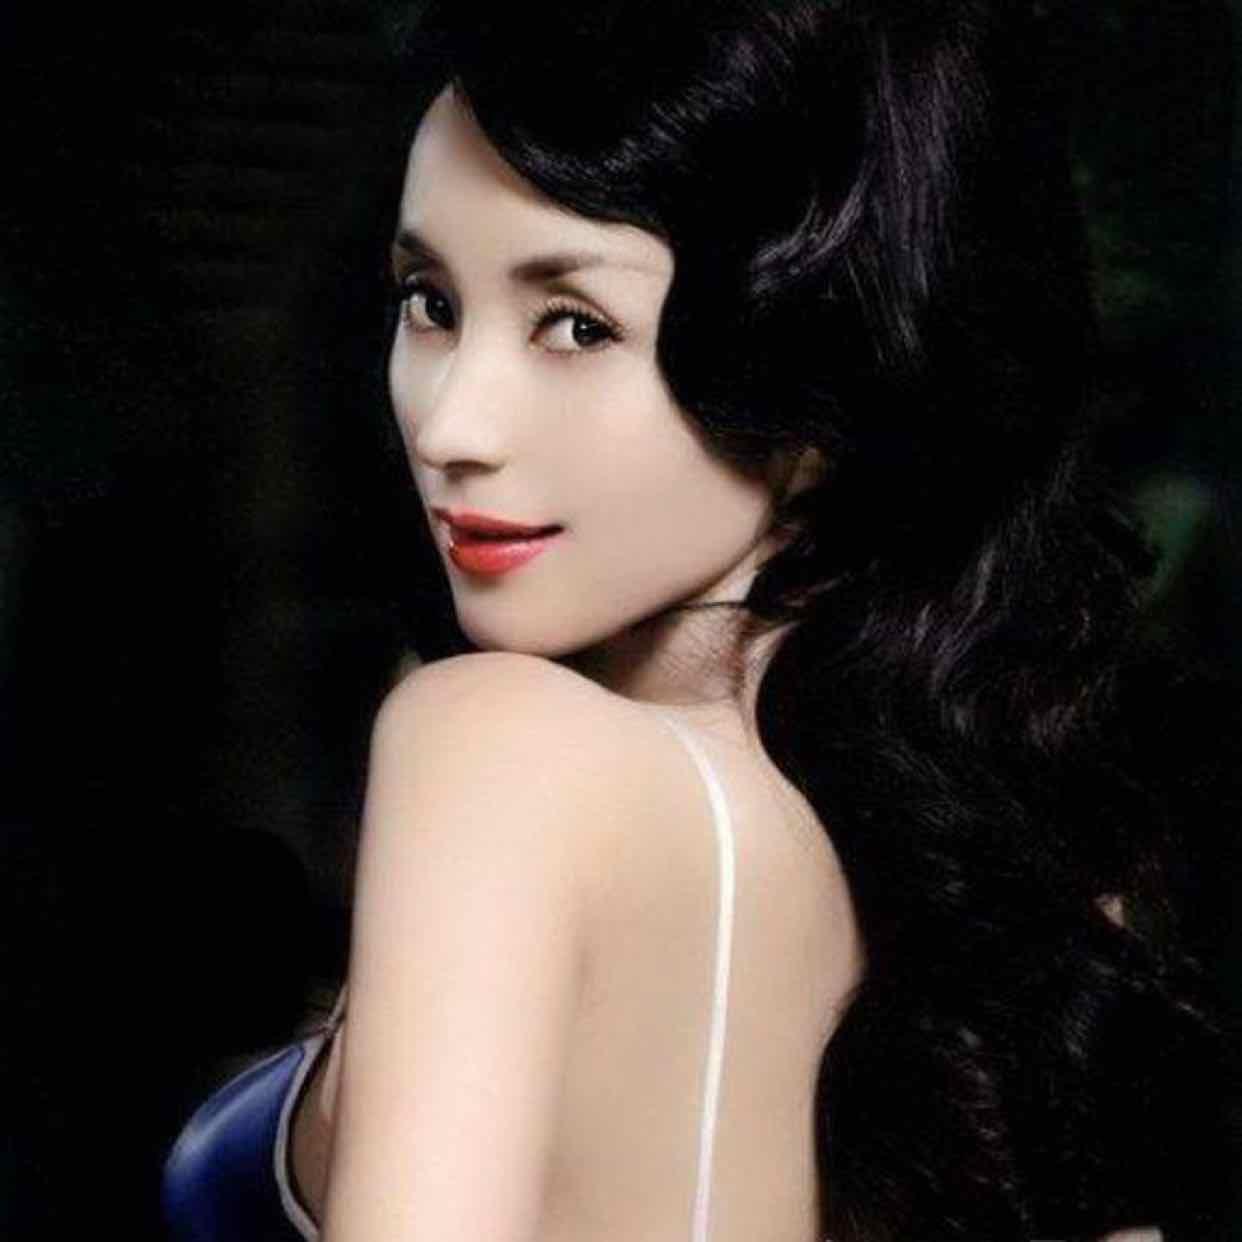 Số phận yêu nữ đẹp ma mị ngủ với hơn 10 quan bự Trung Quốc.